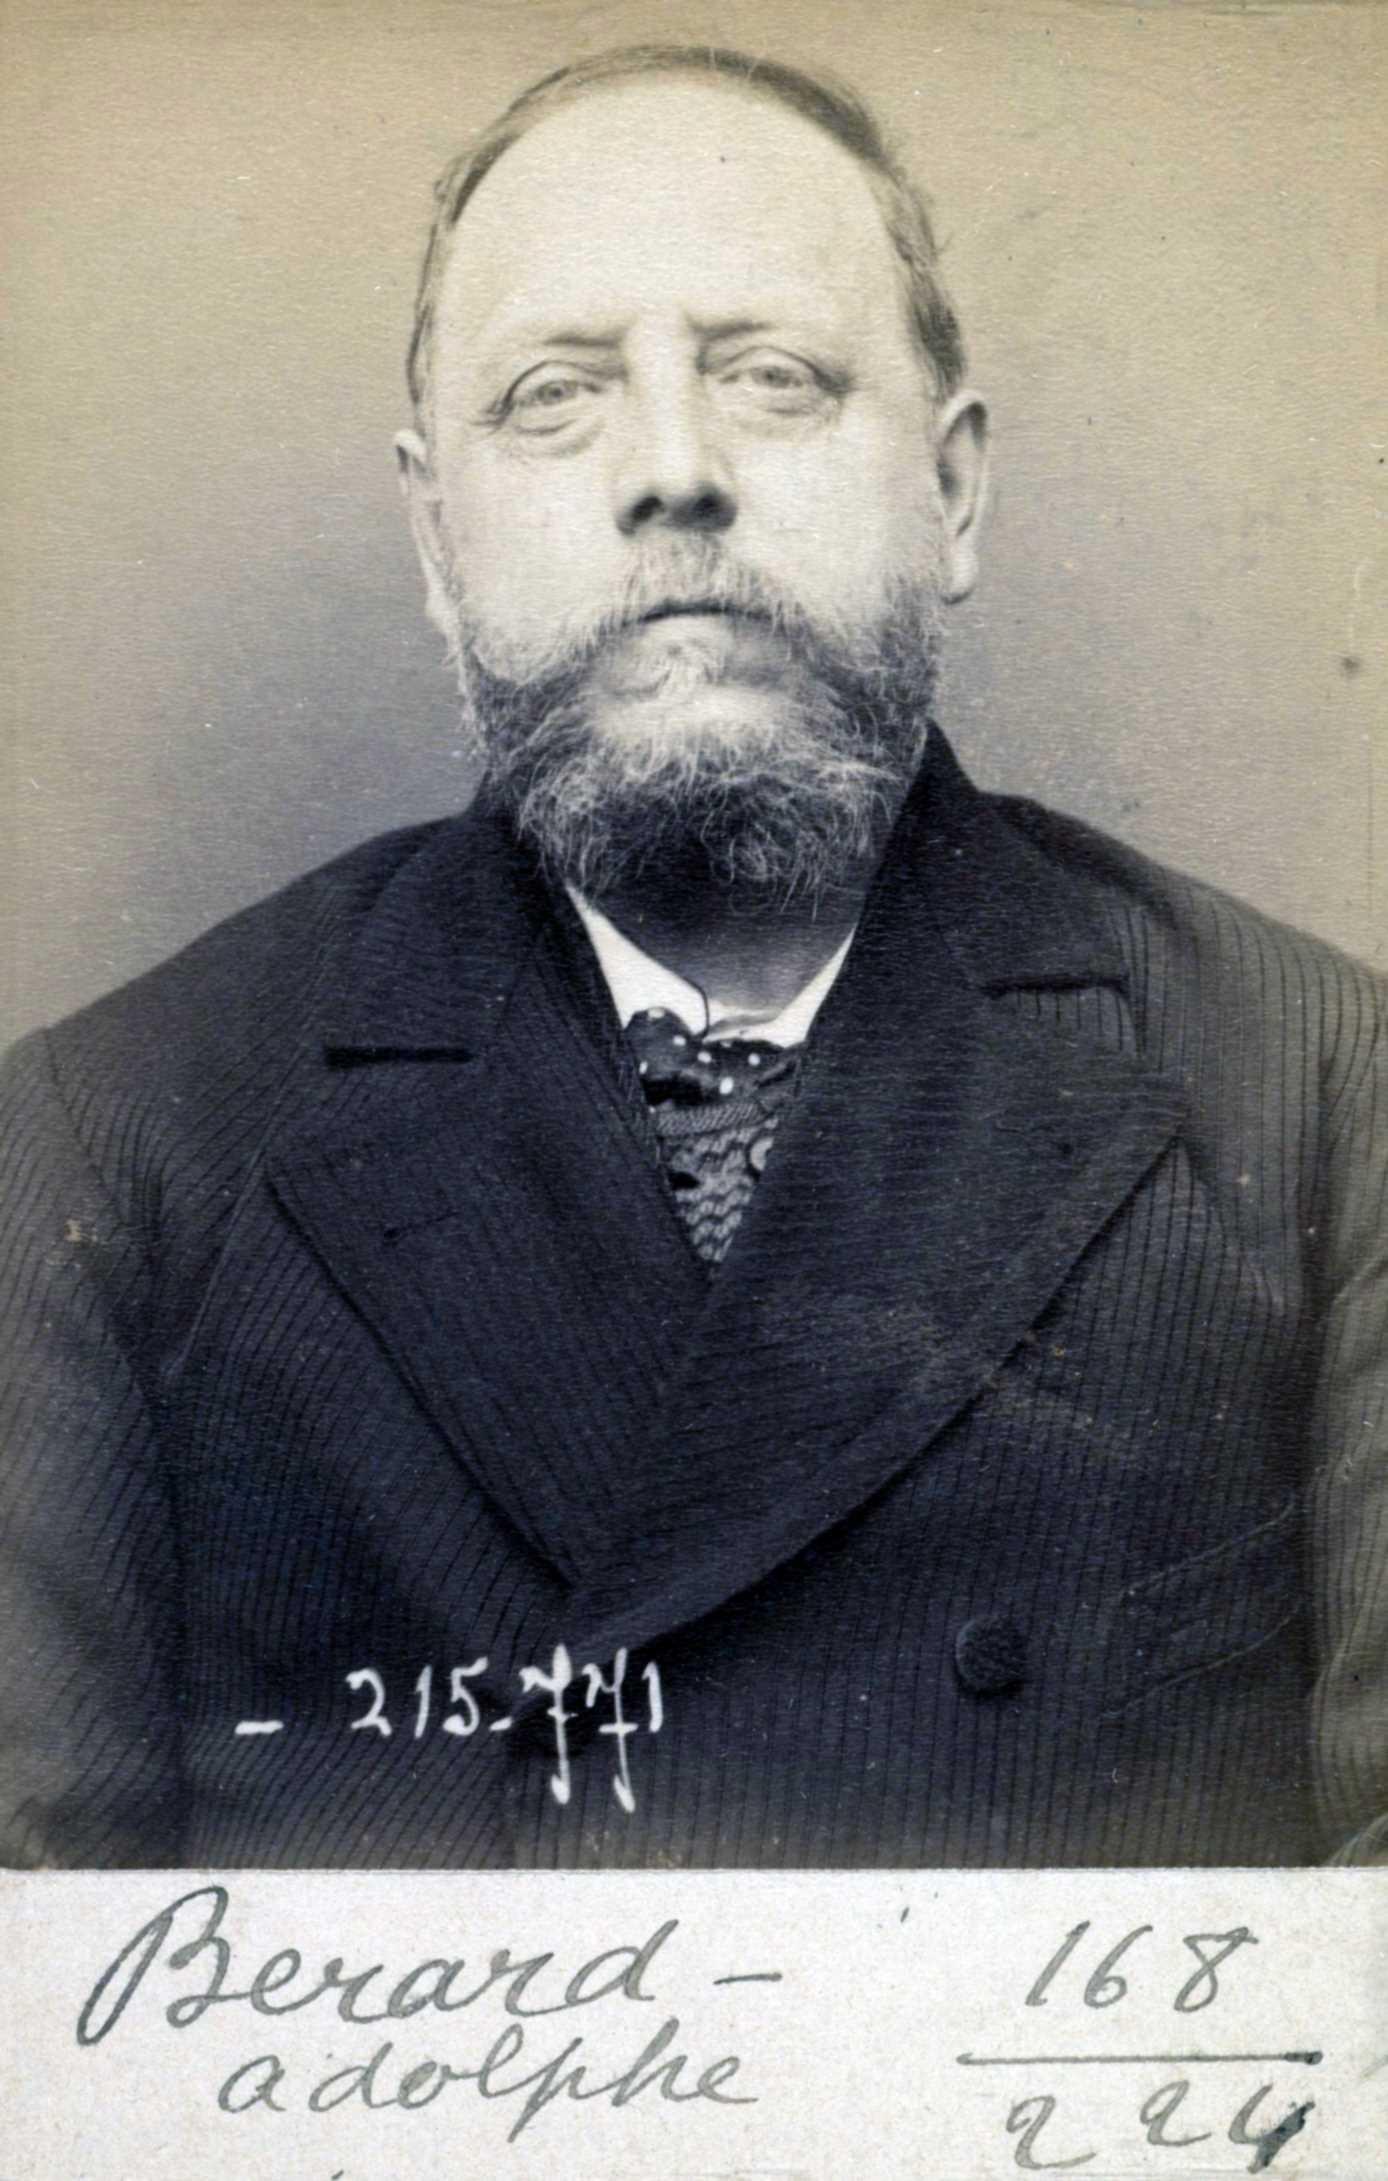 Foto policíaca d'Adolphe Bérard (16 de març de 1894)